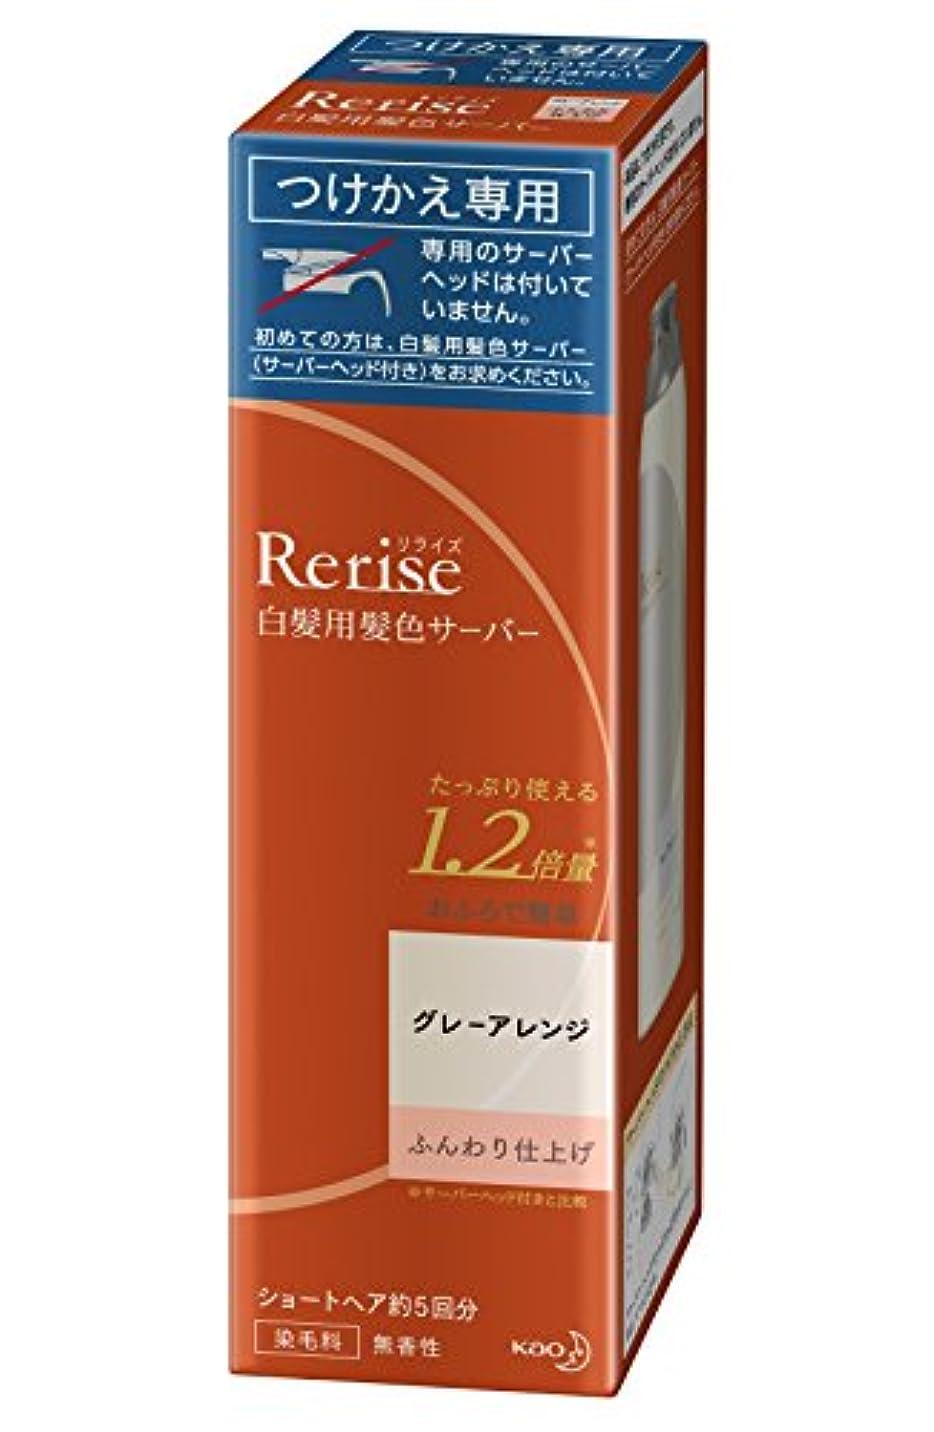 リライズ 白髪染め グレーアレンジ (自然なグレー) ふんわり仕上げ 男女兼用 つけかえ用 190g